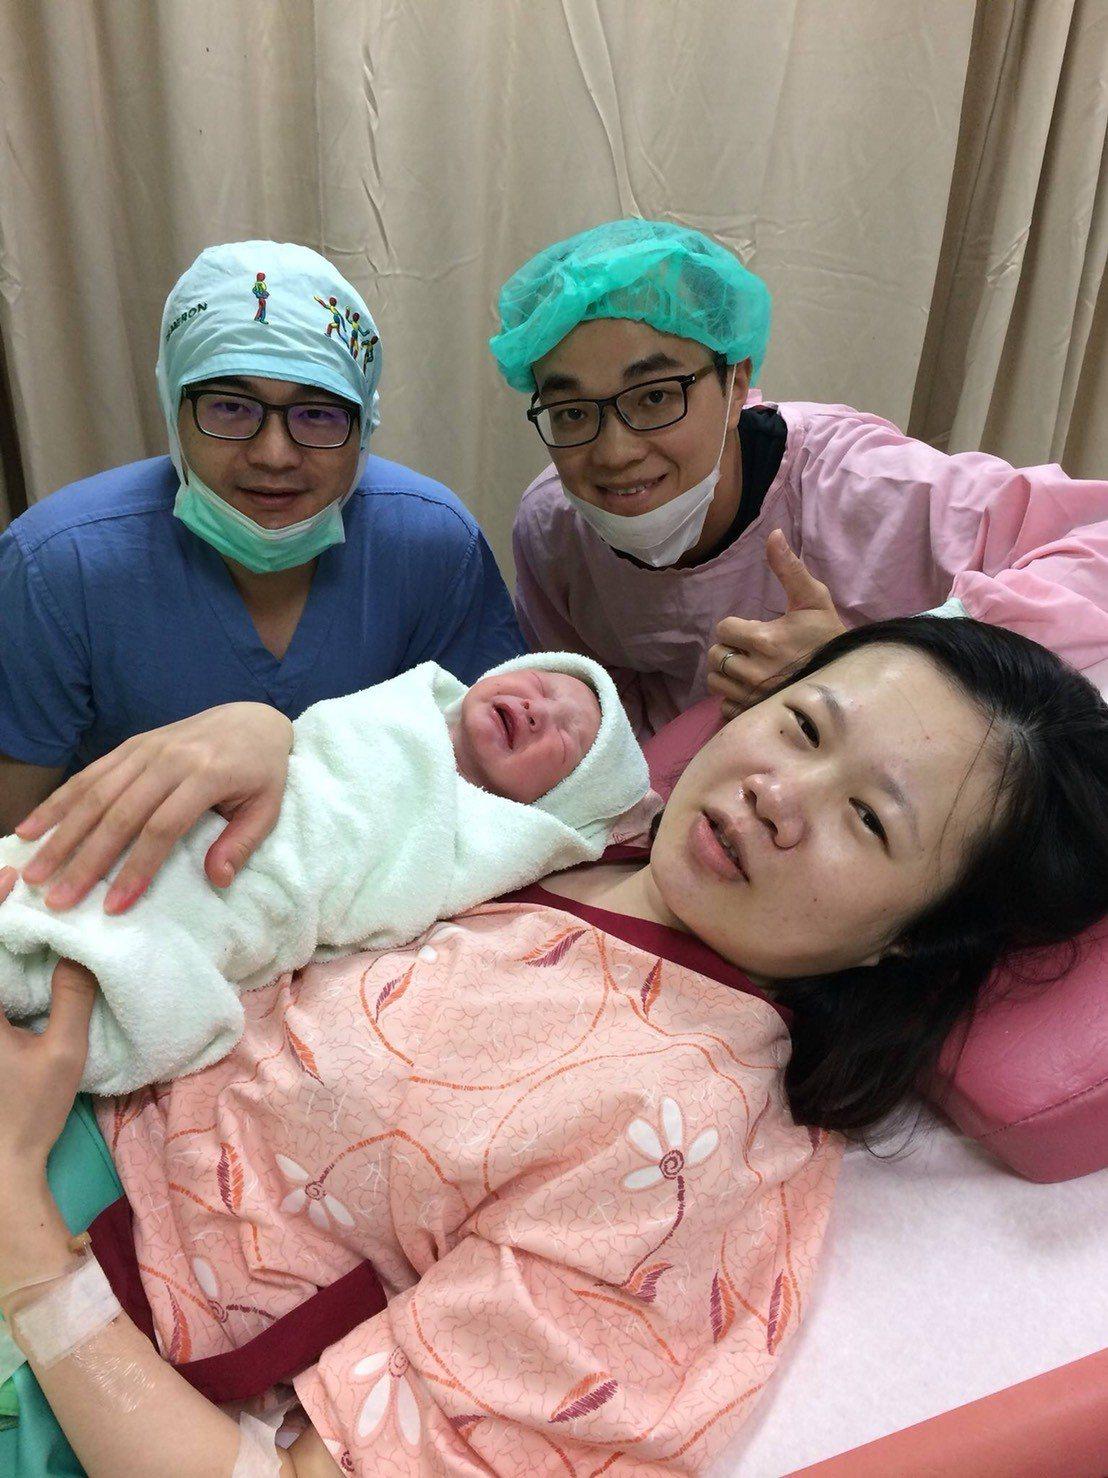 嘉基醫師王培中(後排左)堅守婦產科第一線近20年,接生數累計超過1萬5000例,...